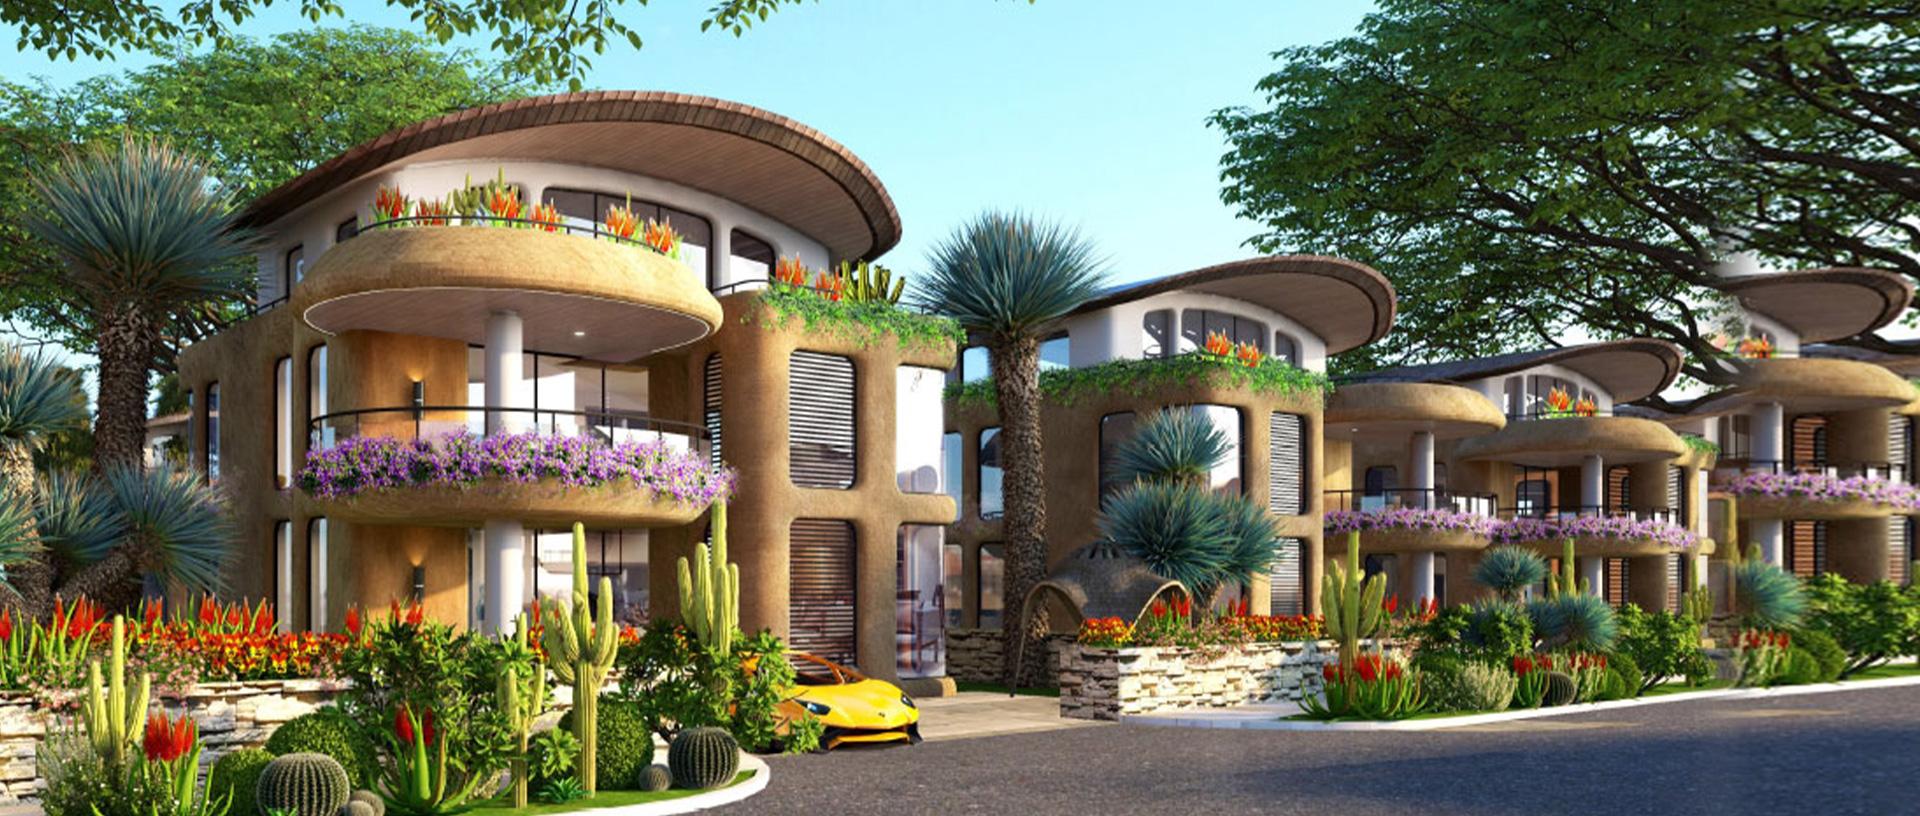 phân khu african dự án sunshine heritage hà nội